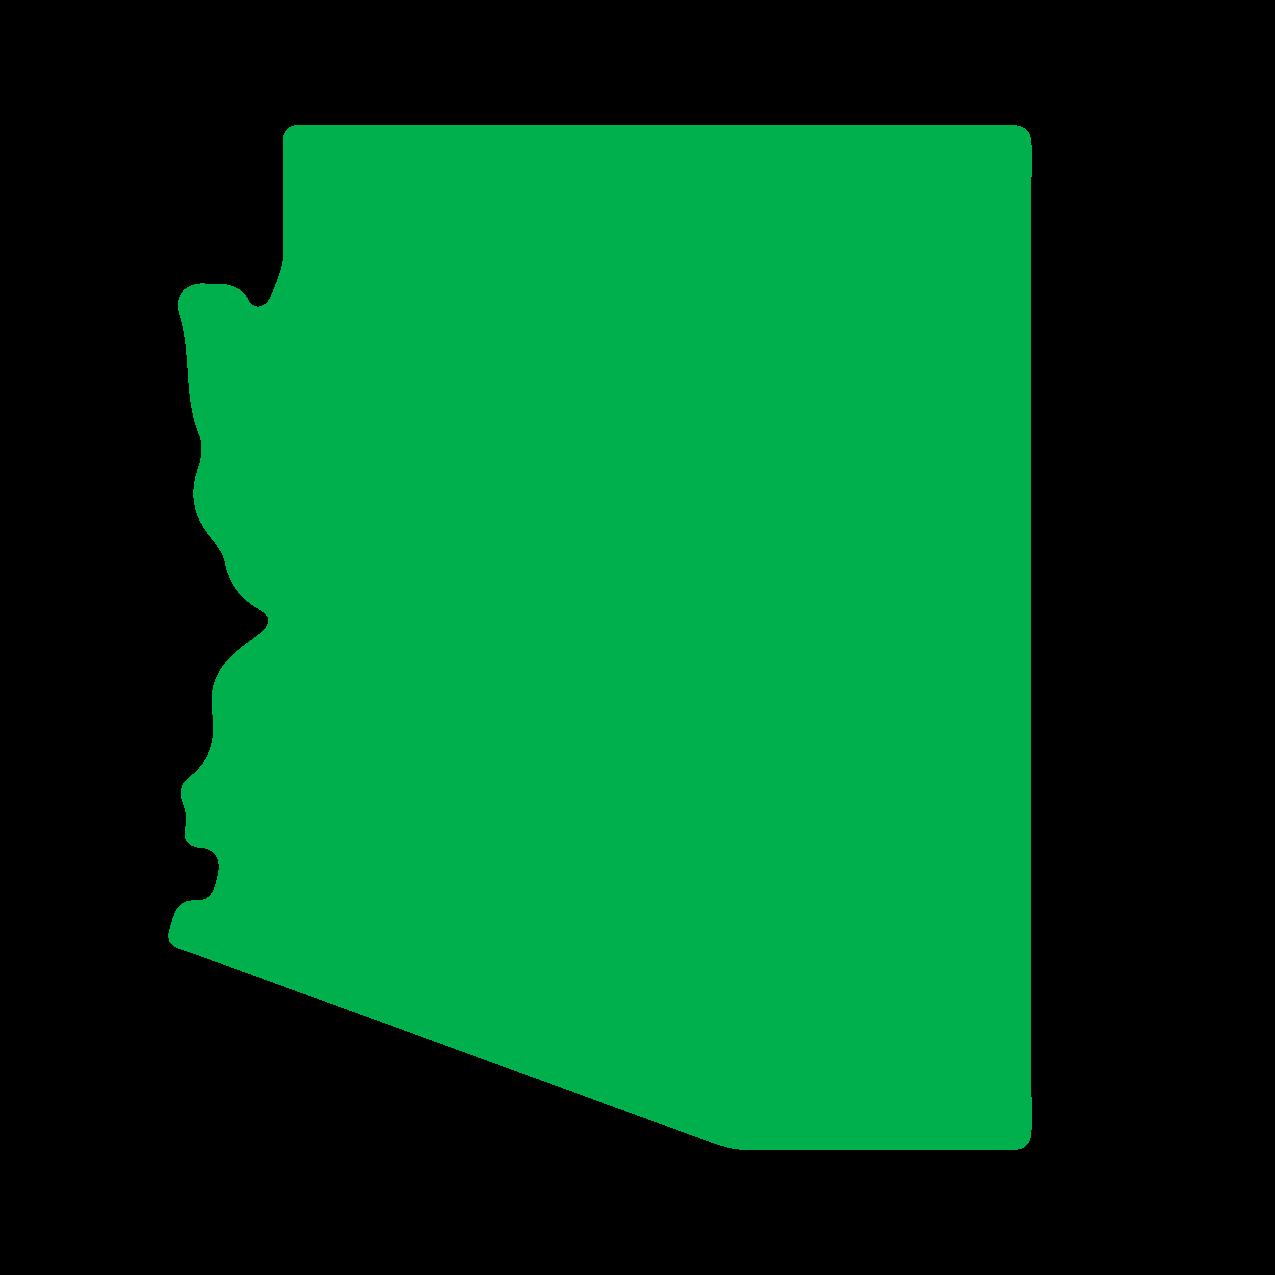 Cannabis States Arizona